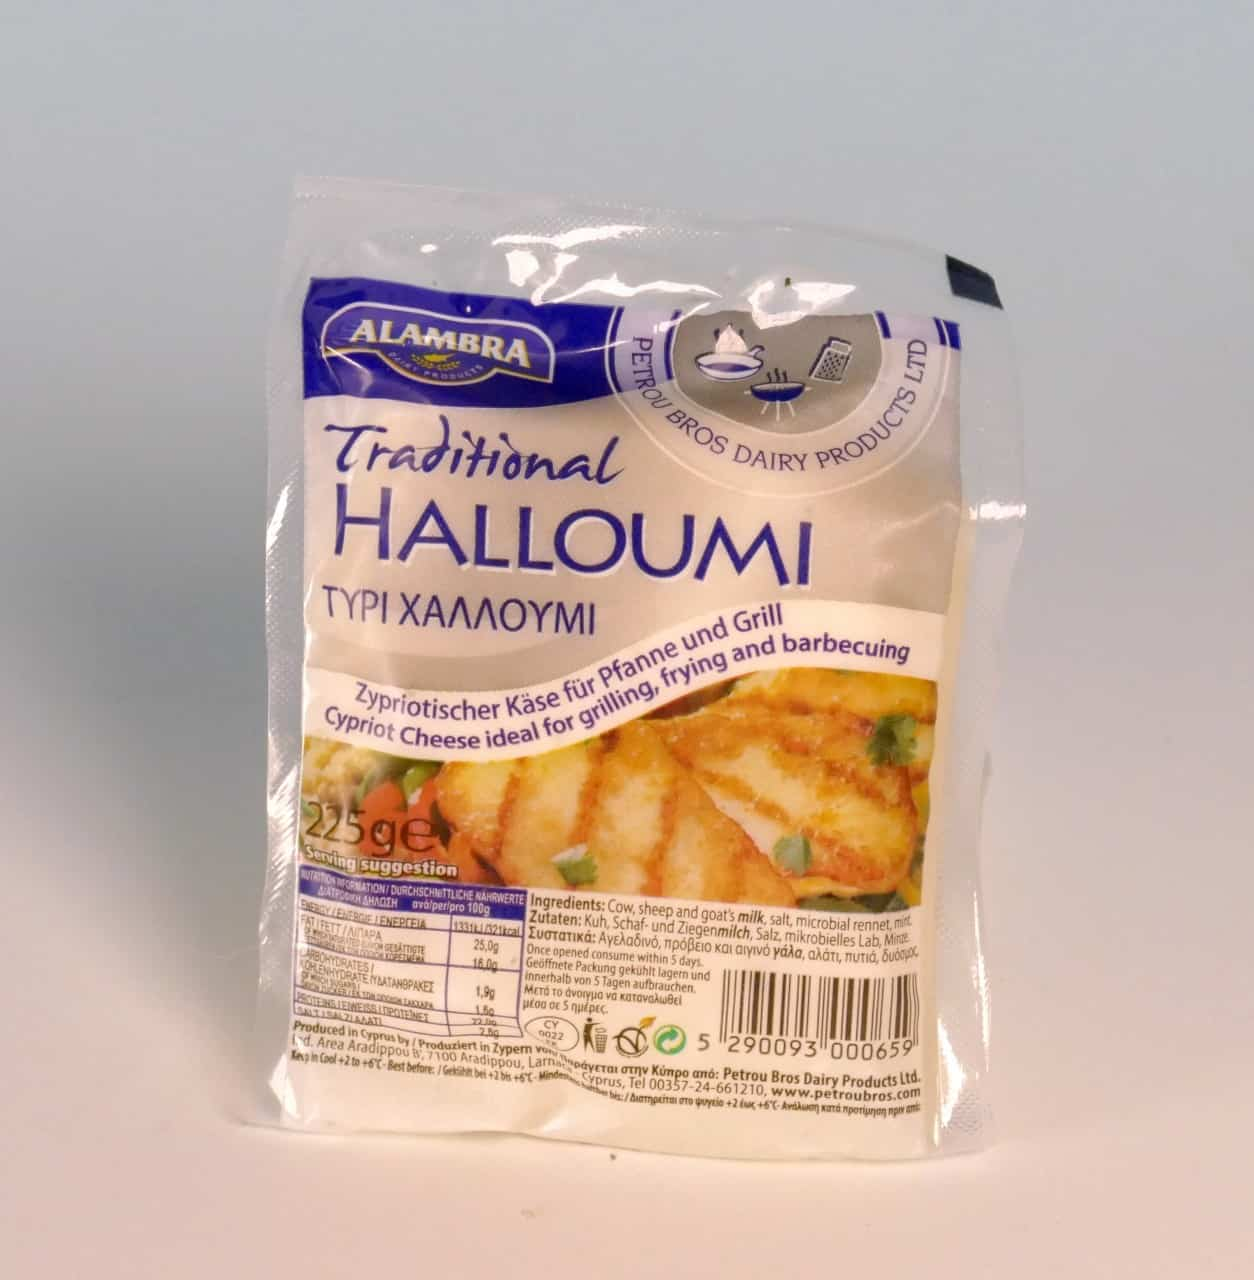 Halloumi sir